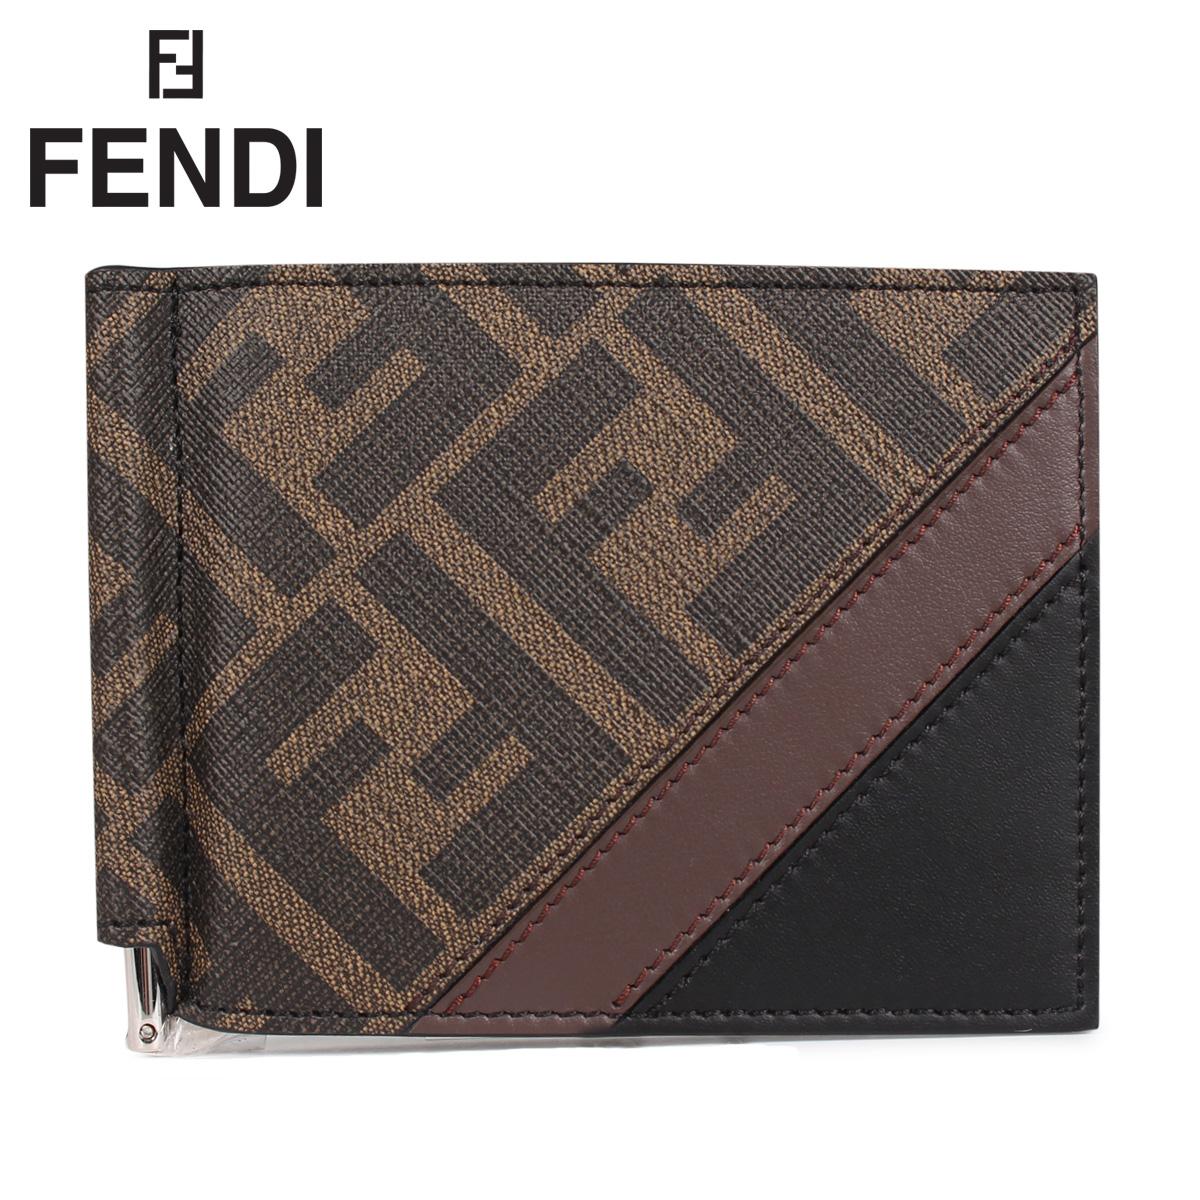 FENDI フェンディ 財布 二つ折り マネークリップ メンズ 二つ折り MONEY CLIP WALLET ブラウン 7M0281 [4/14 新入荷]